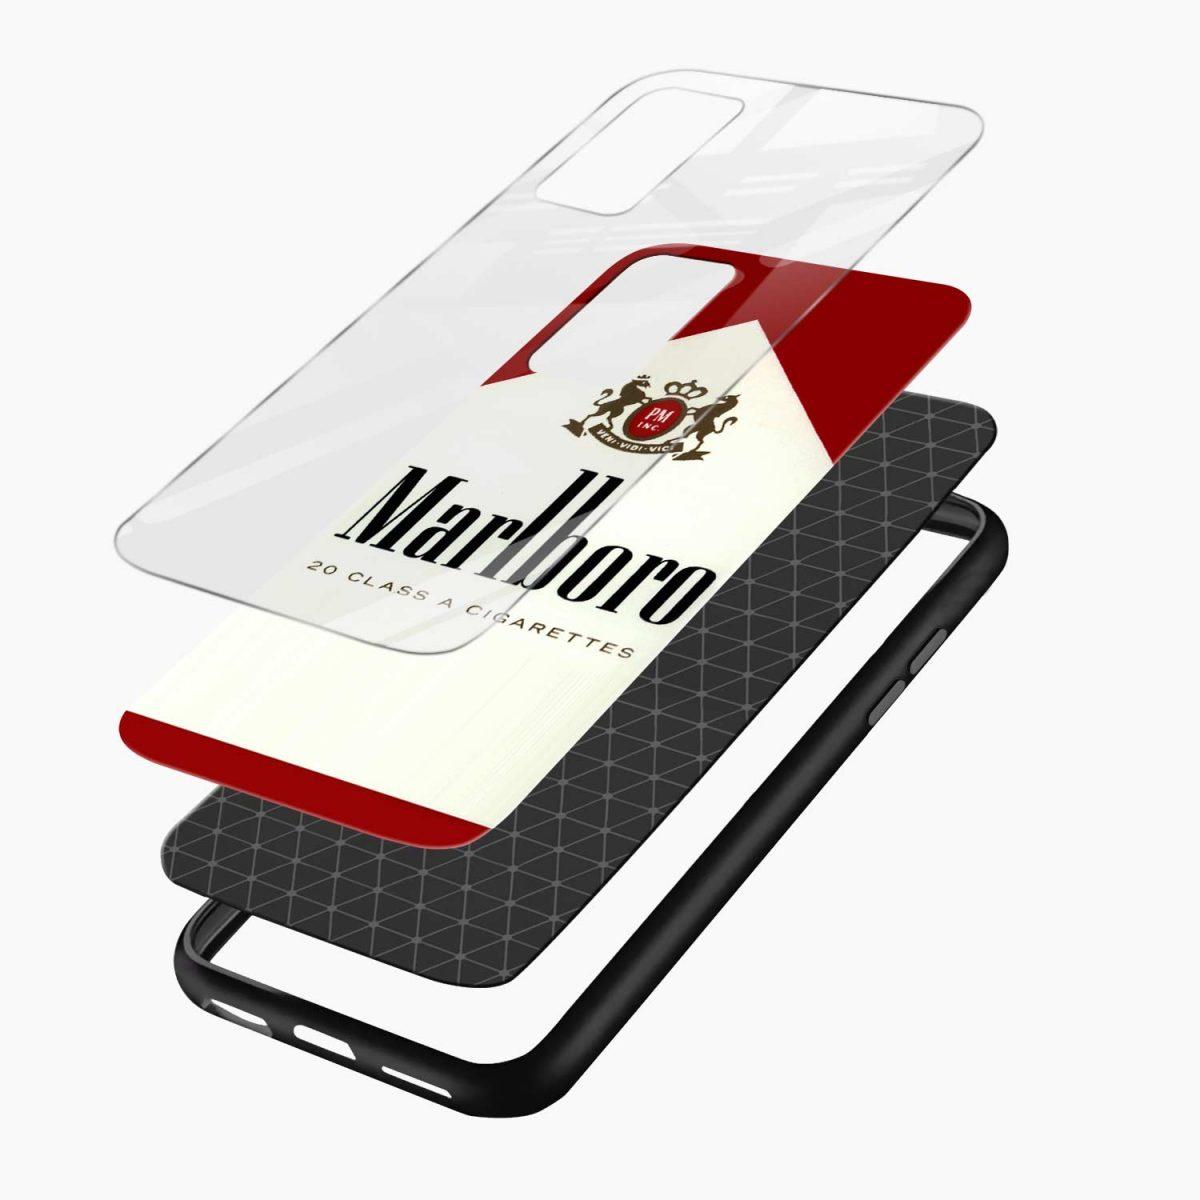 marlboro cigarette box xiaomi mi 10t pro back cover layers view